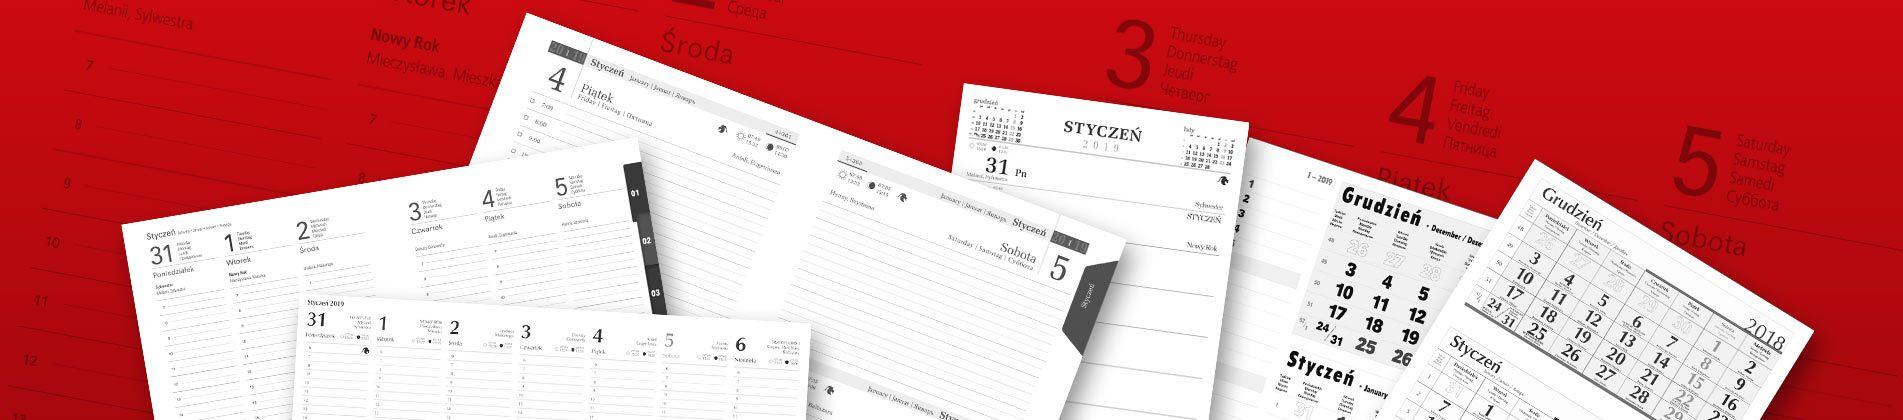 Kalendarze Na Zamówienie | Producent kalendarzy